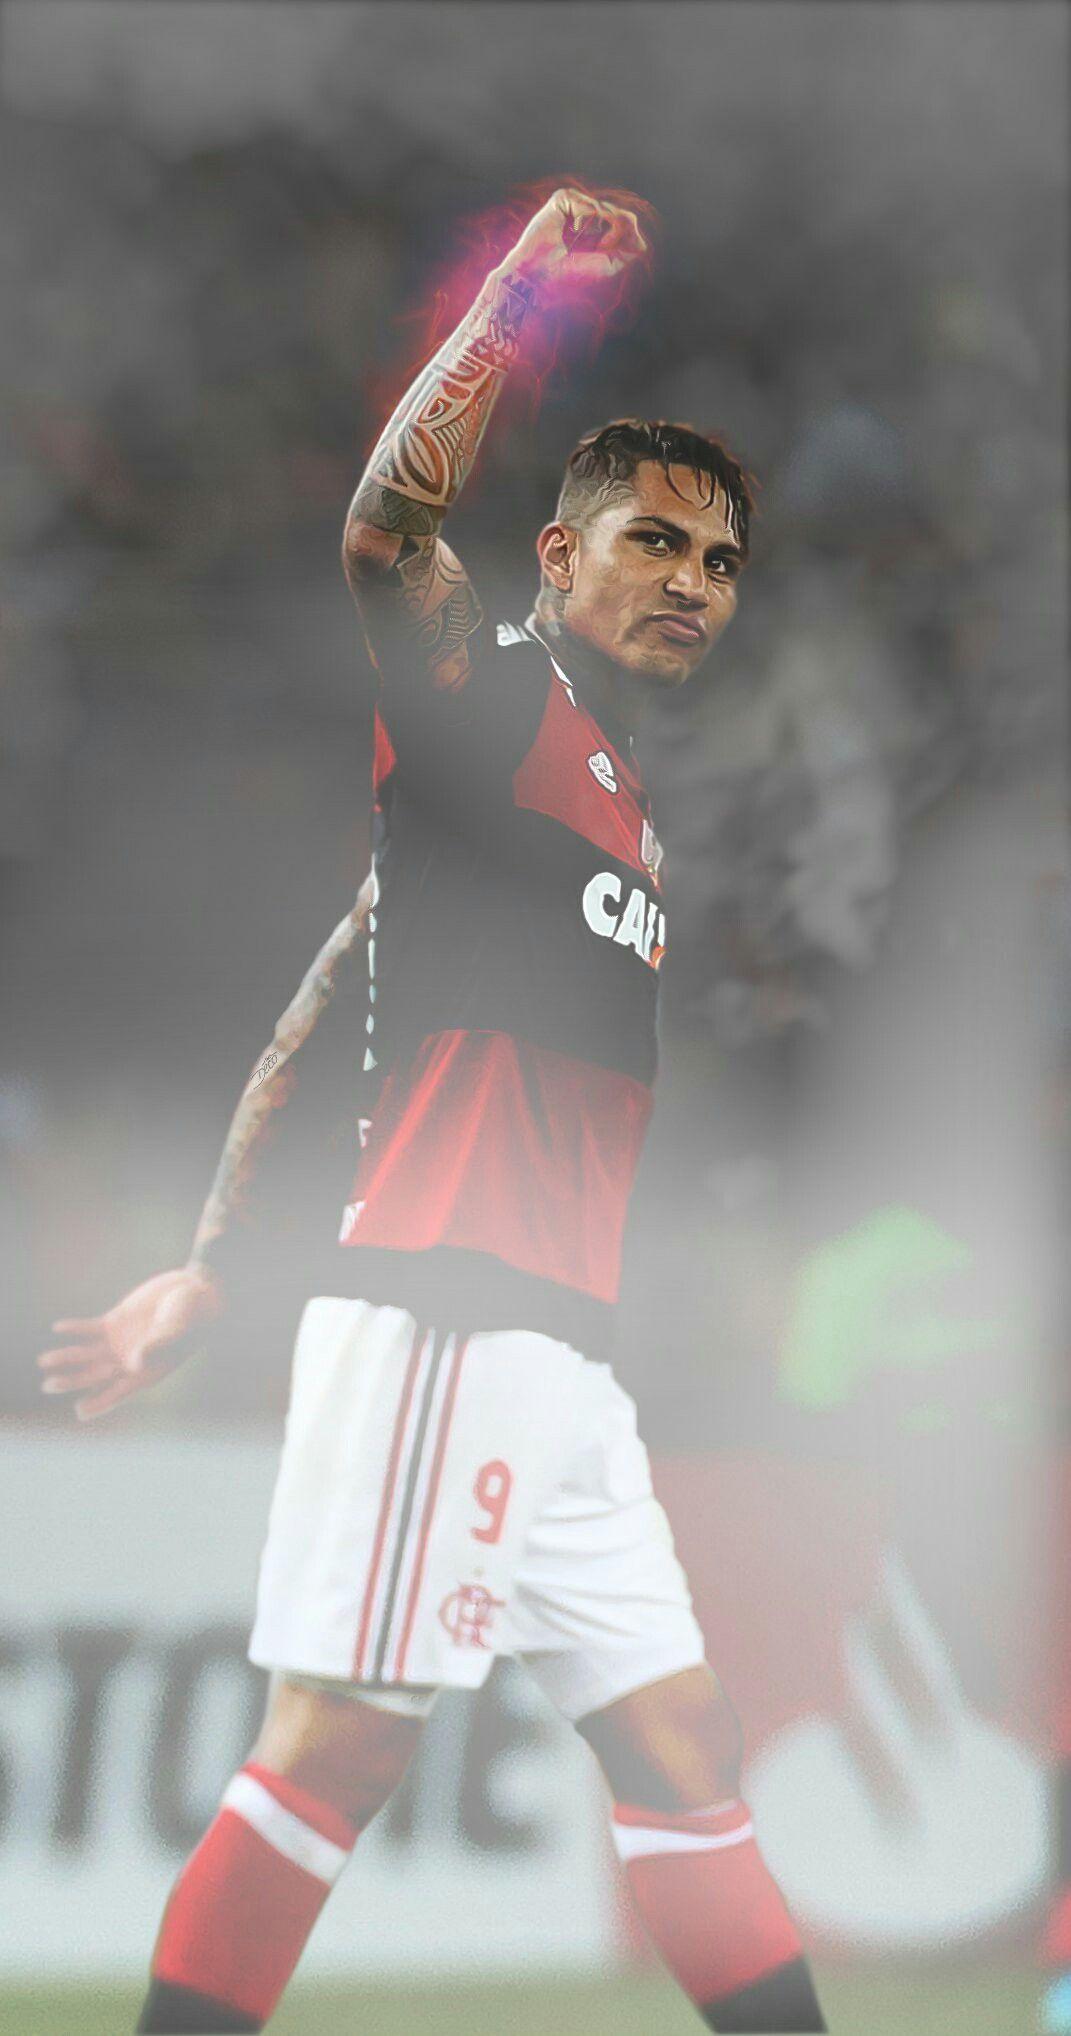 """""""Supervalorizado"""", eles dizem.  #Flamengo #nãotemcaô"""